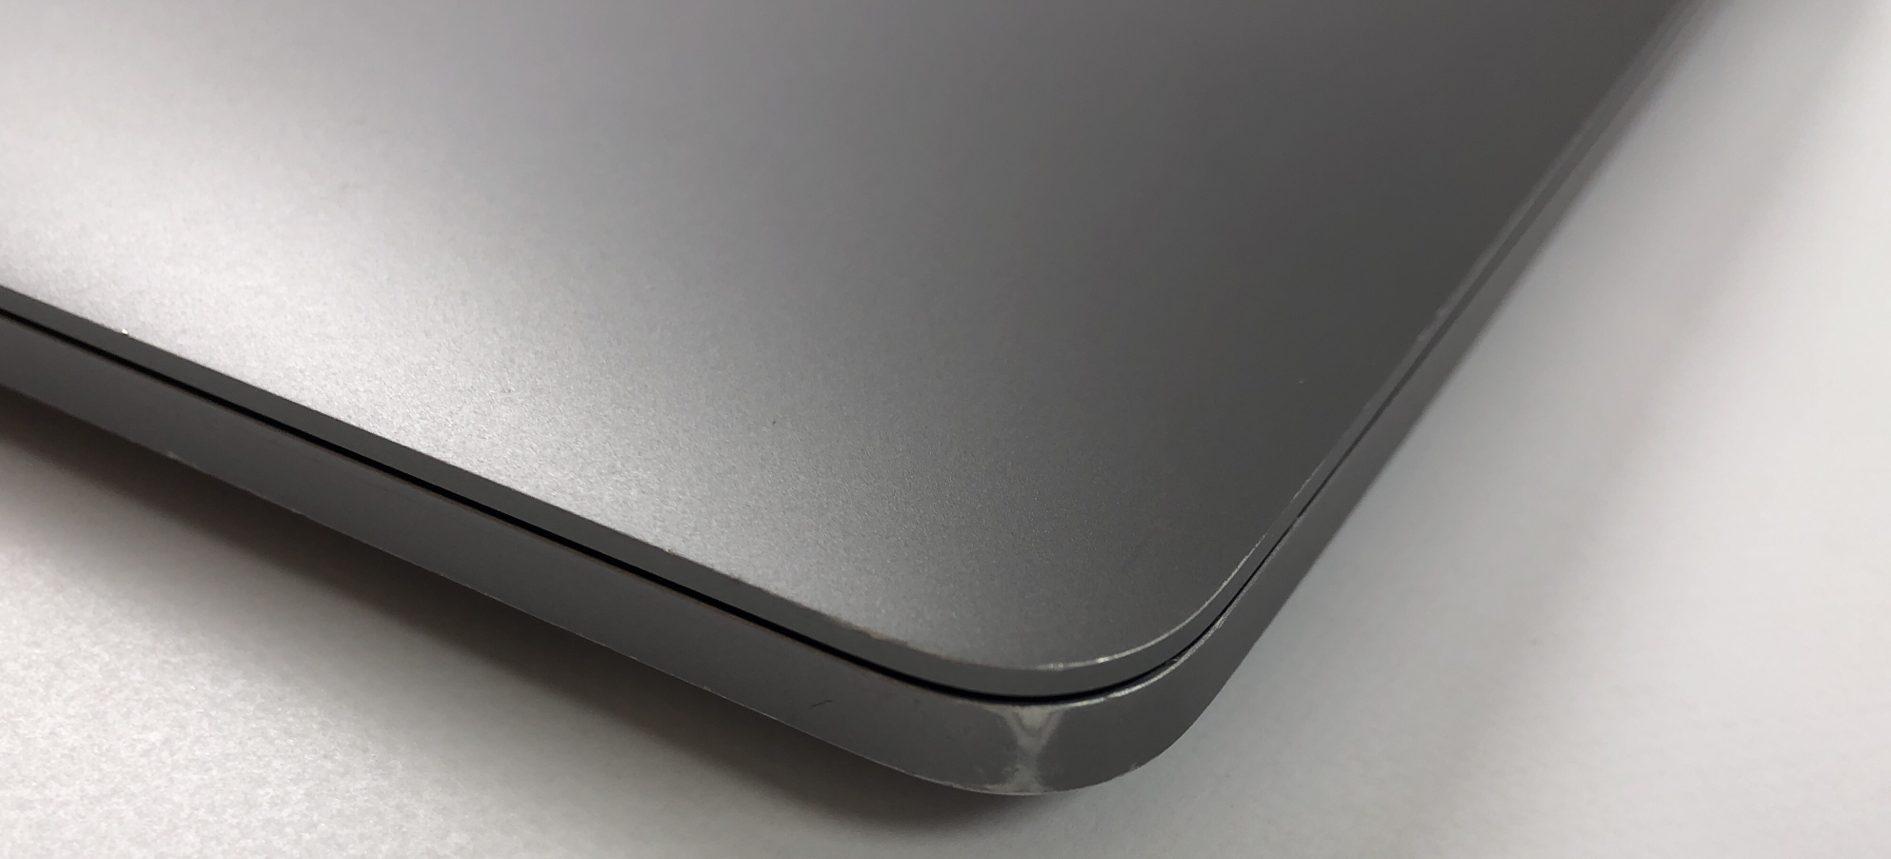 """MacBook Pro 15"""" Touch Bar Mid 2017 (Intel Quad-Core i7 2.8 GHz 16 GB RAM 512 GB SSD), Space Gray, Intel Quad-Core i7 2.8 GHz, 16 GB RAM, 512 GB SSD, Kuva 7"""